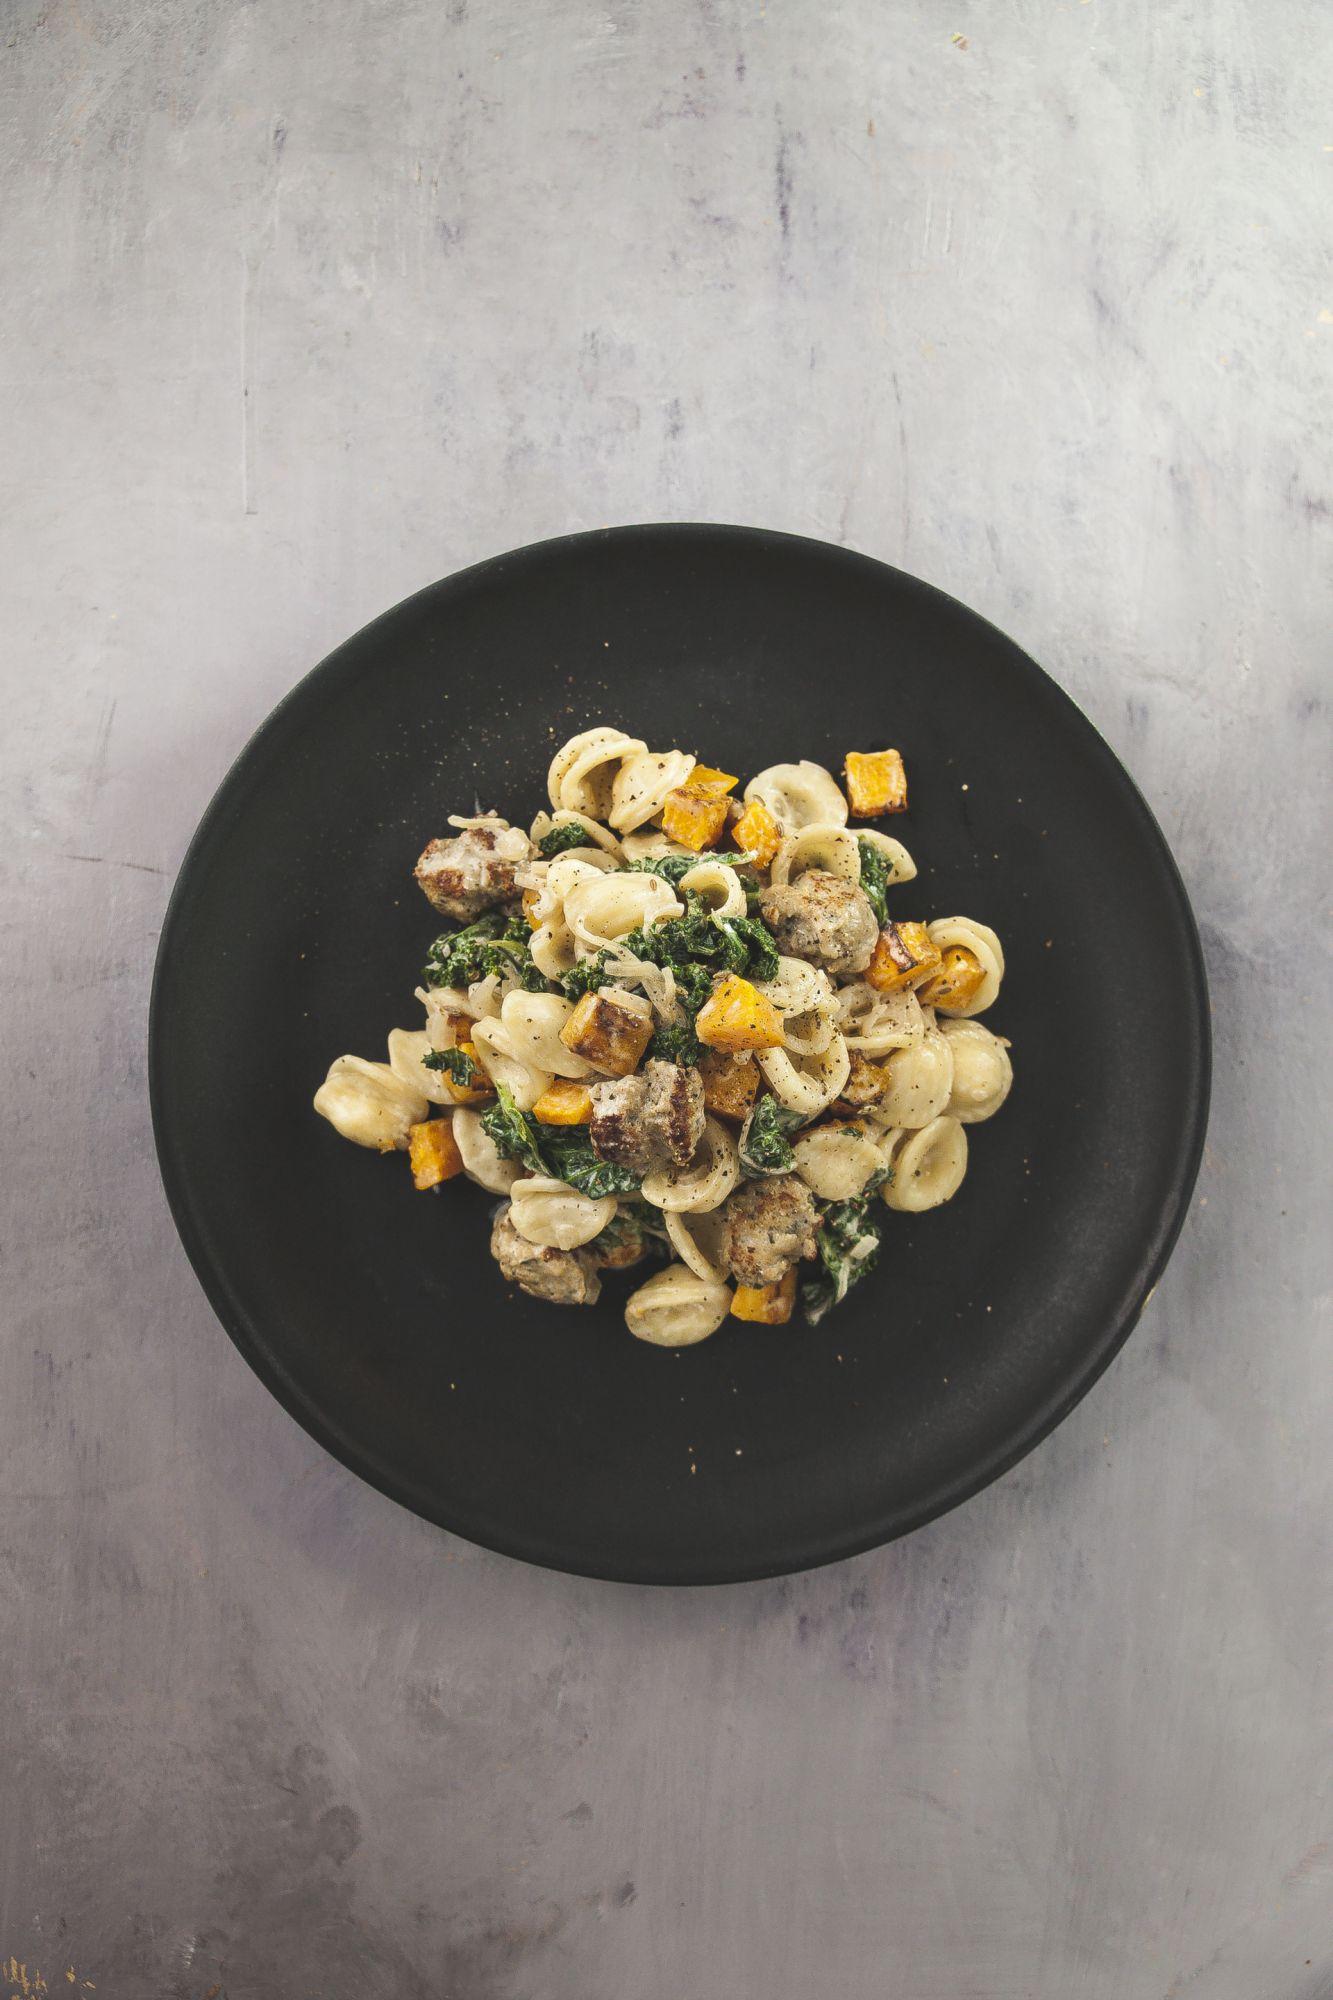 Orecchiettes courge r tie parmesan kale et saucisse for 1 cuillere a table en ml